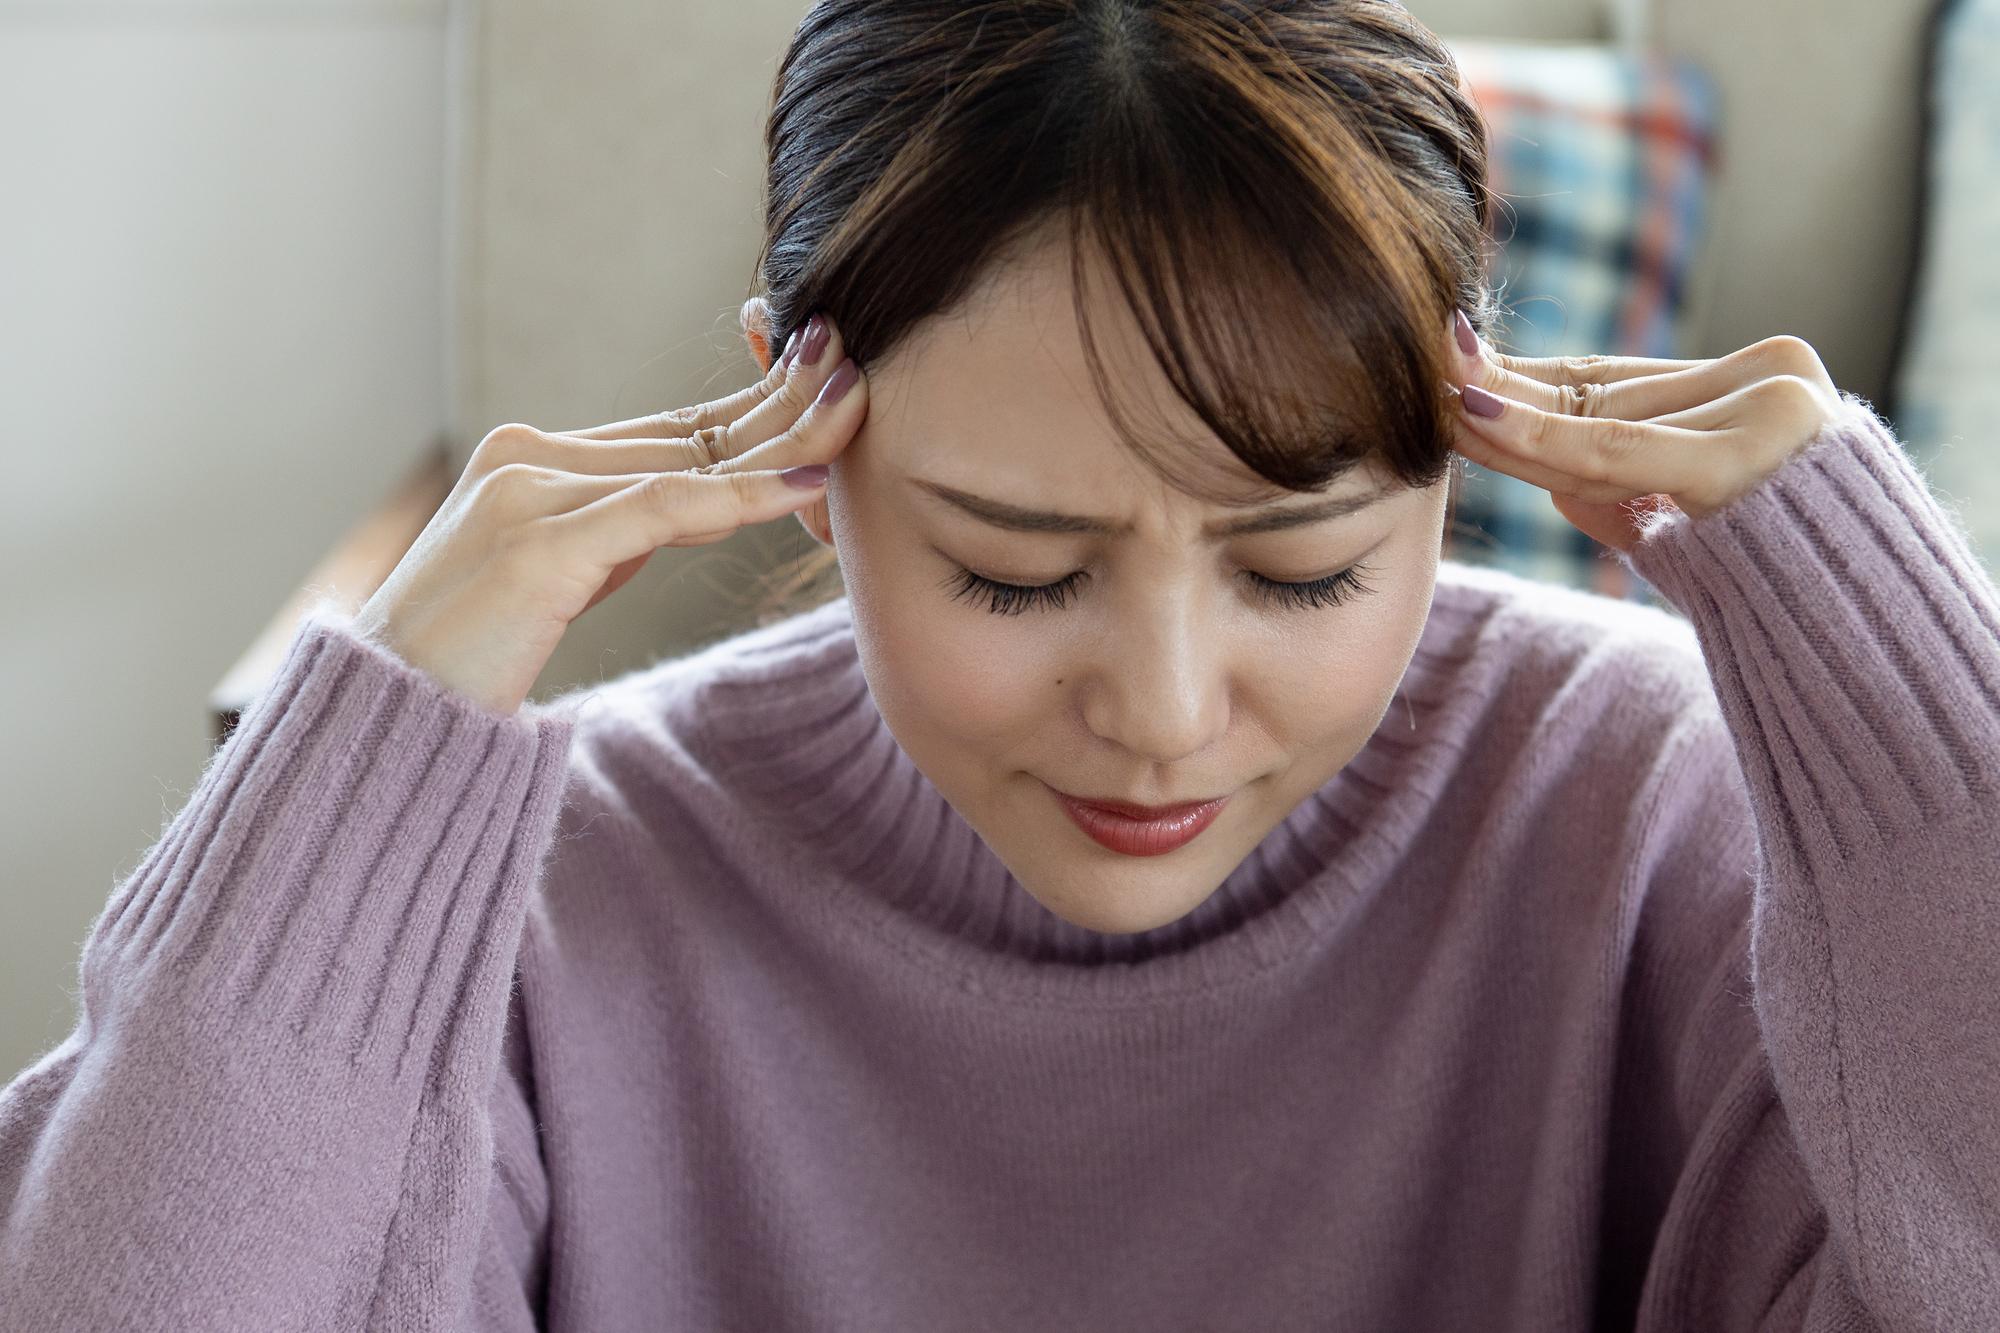 頭を打った数日後の頭痛に注意!「頭部外傷」受診の目安は ...